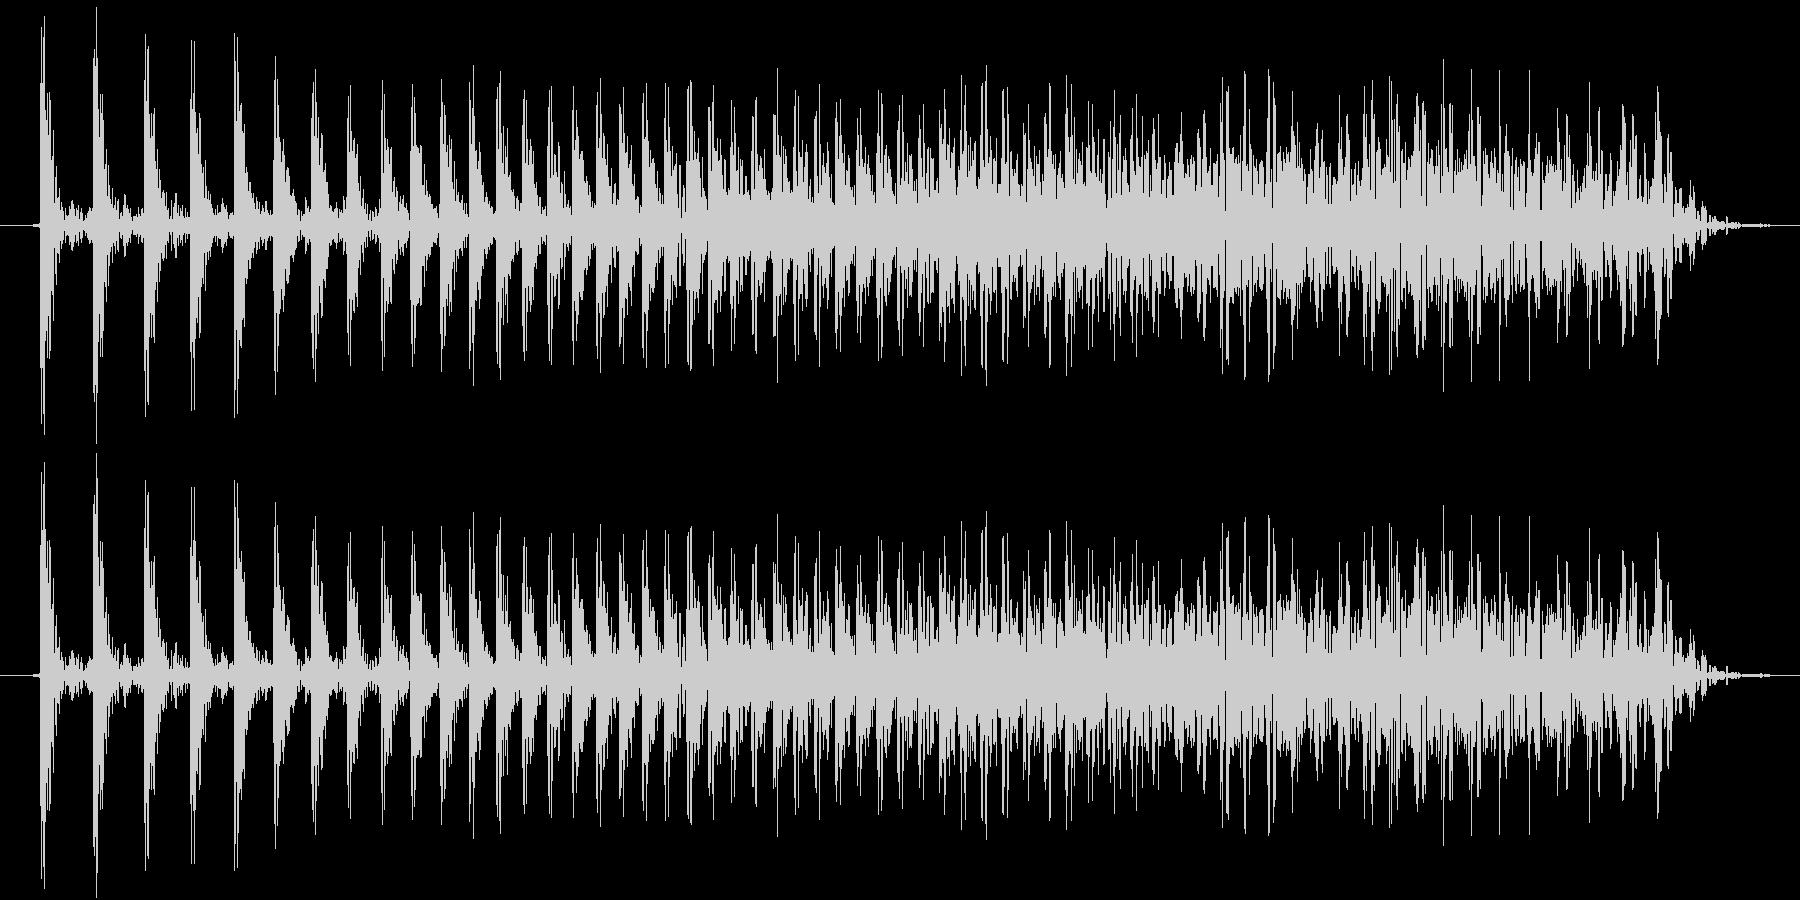 機械系の短い効果音です。の未再生の波形